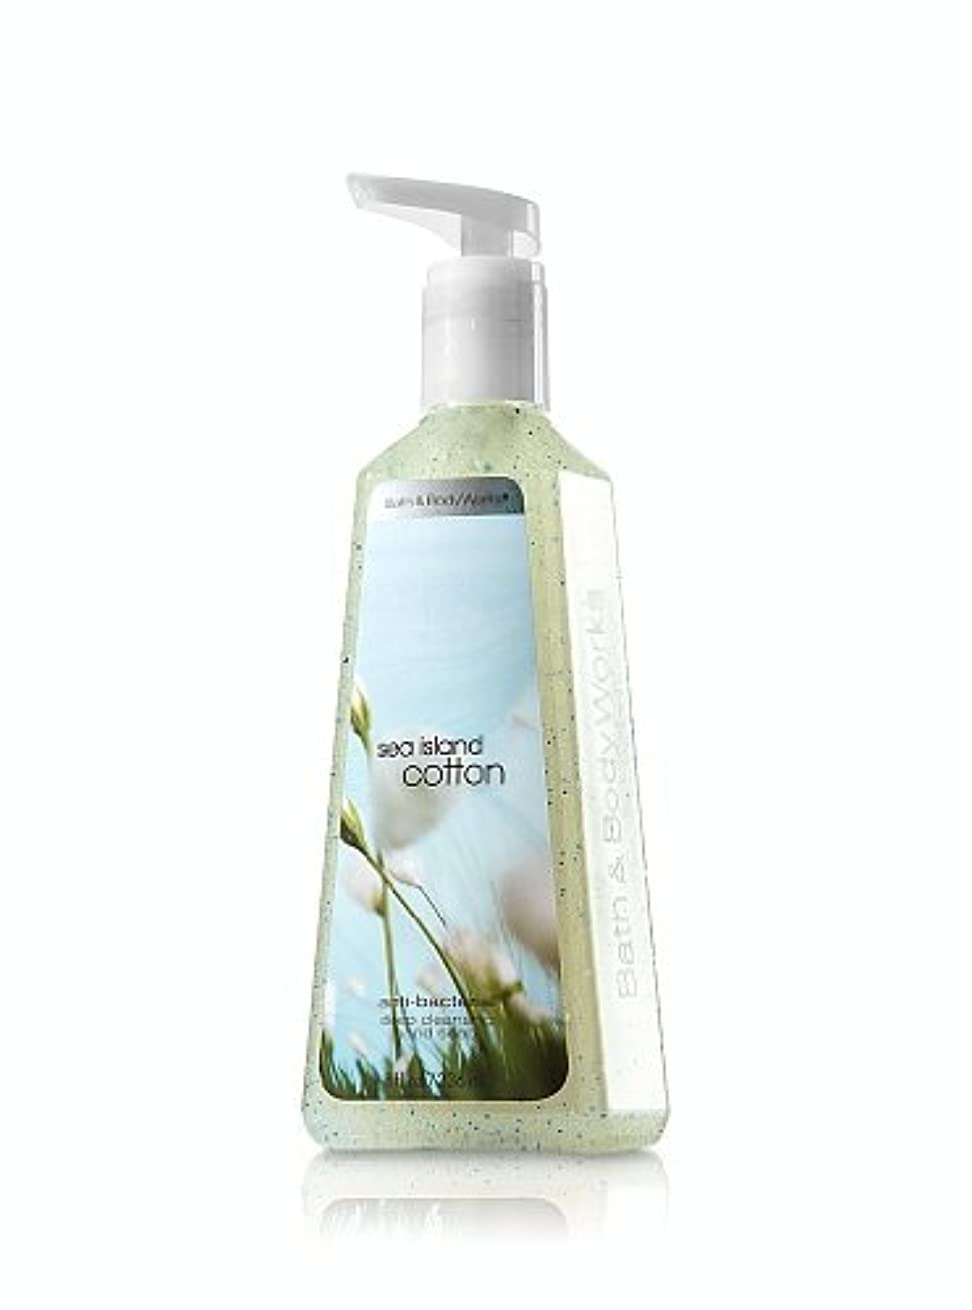 腸幸運なことにワイプバス&ボディワークス シーアイランドコットン ディープクレンジングハンドソープ Sea Island Cotton Deep Cleansing Hand Soap [並行輸入品]